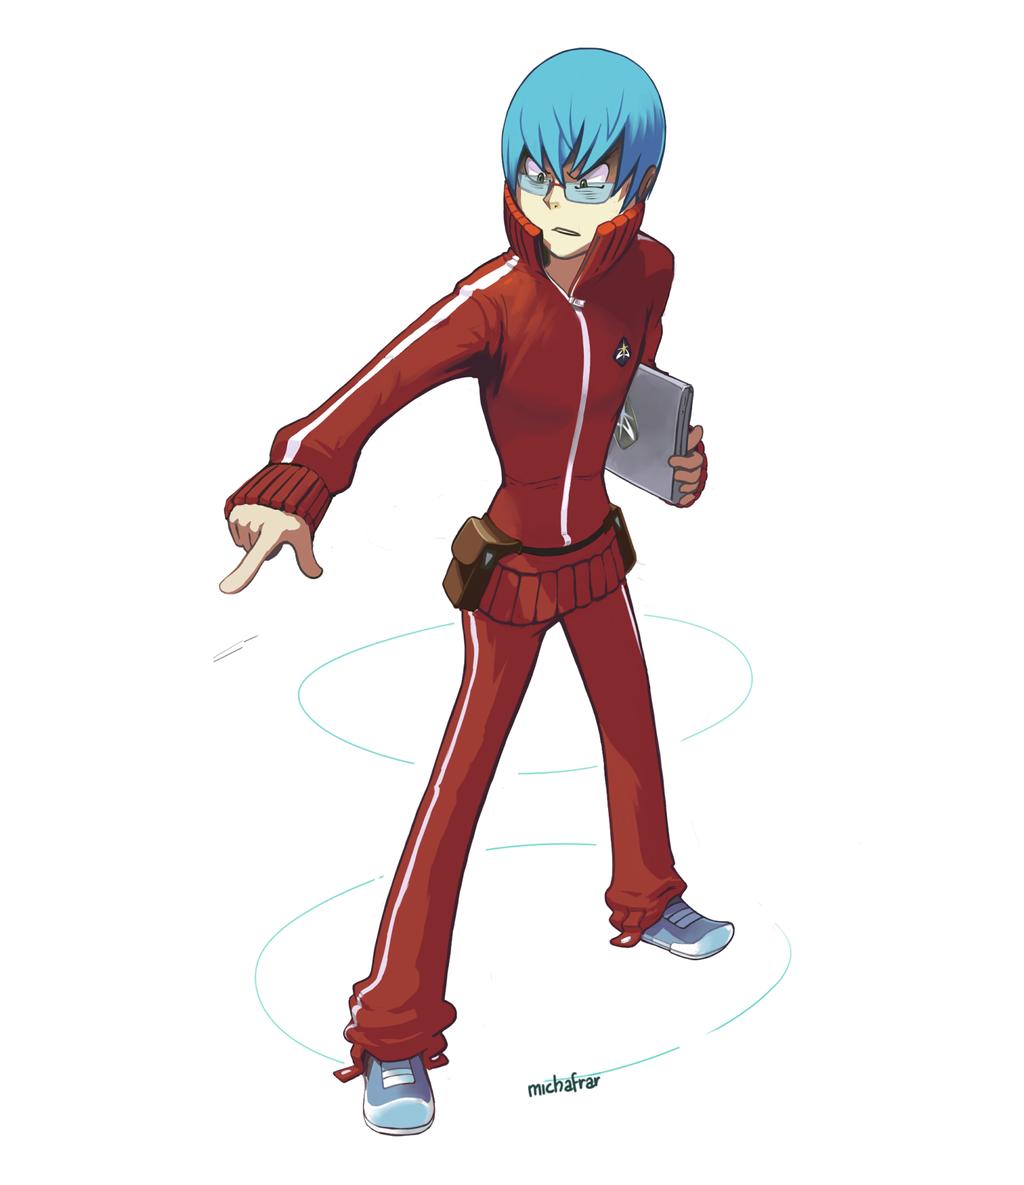 Inumuta  (Raiding suit) by Frario